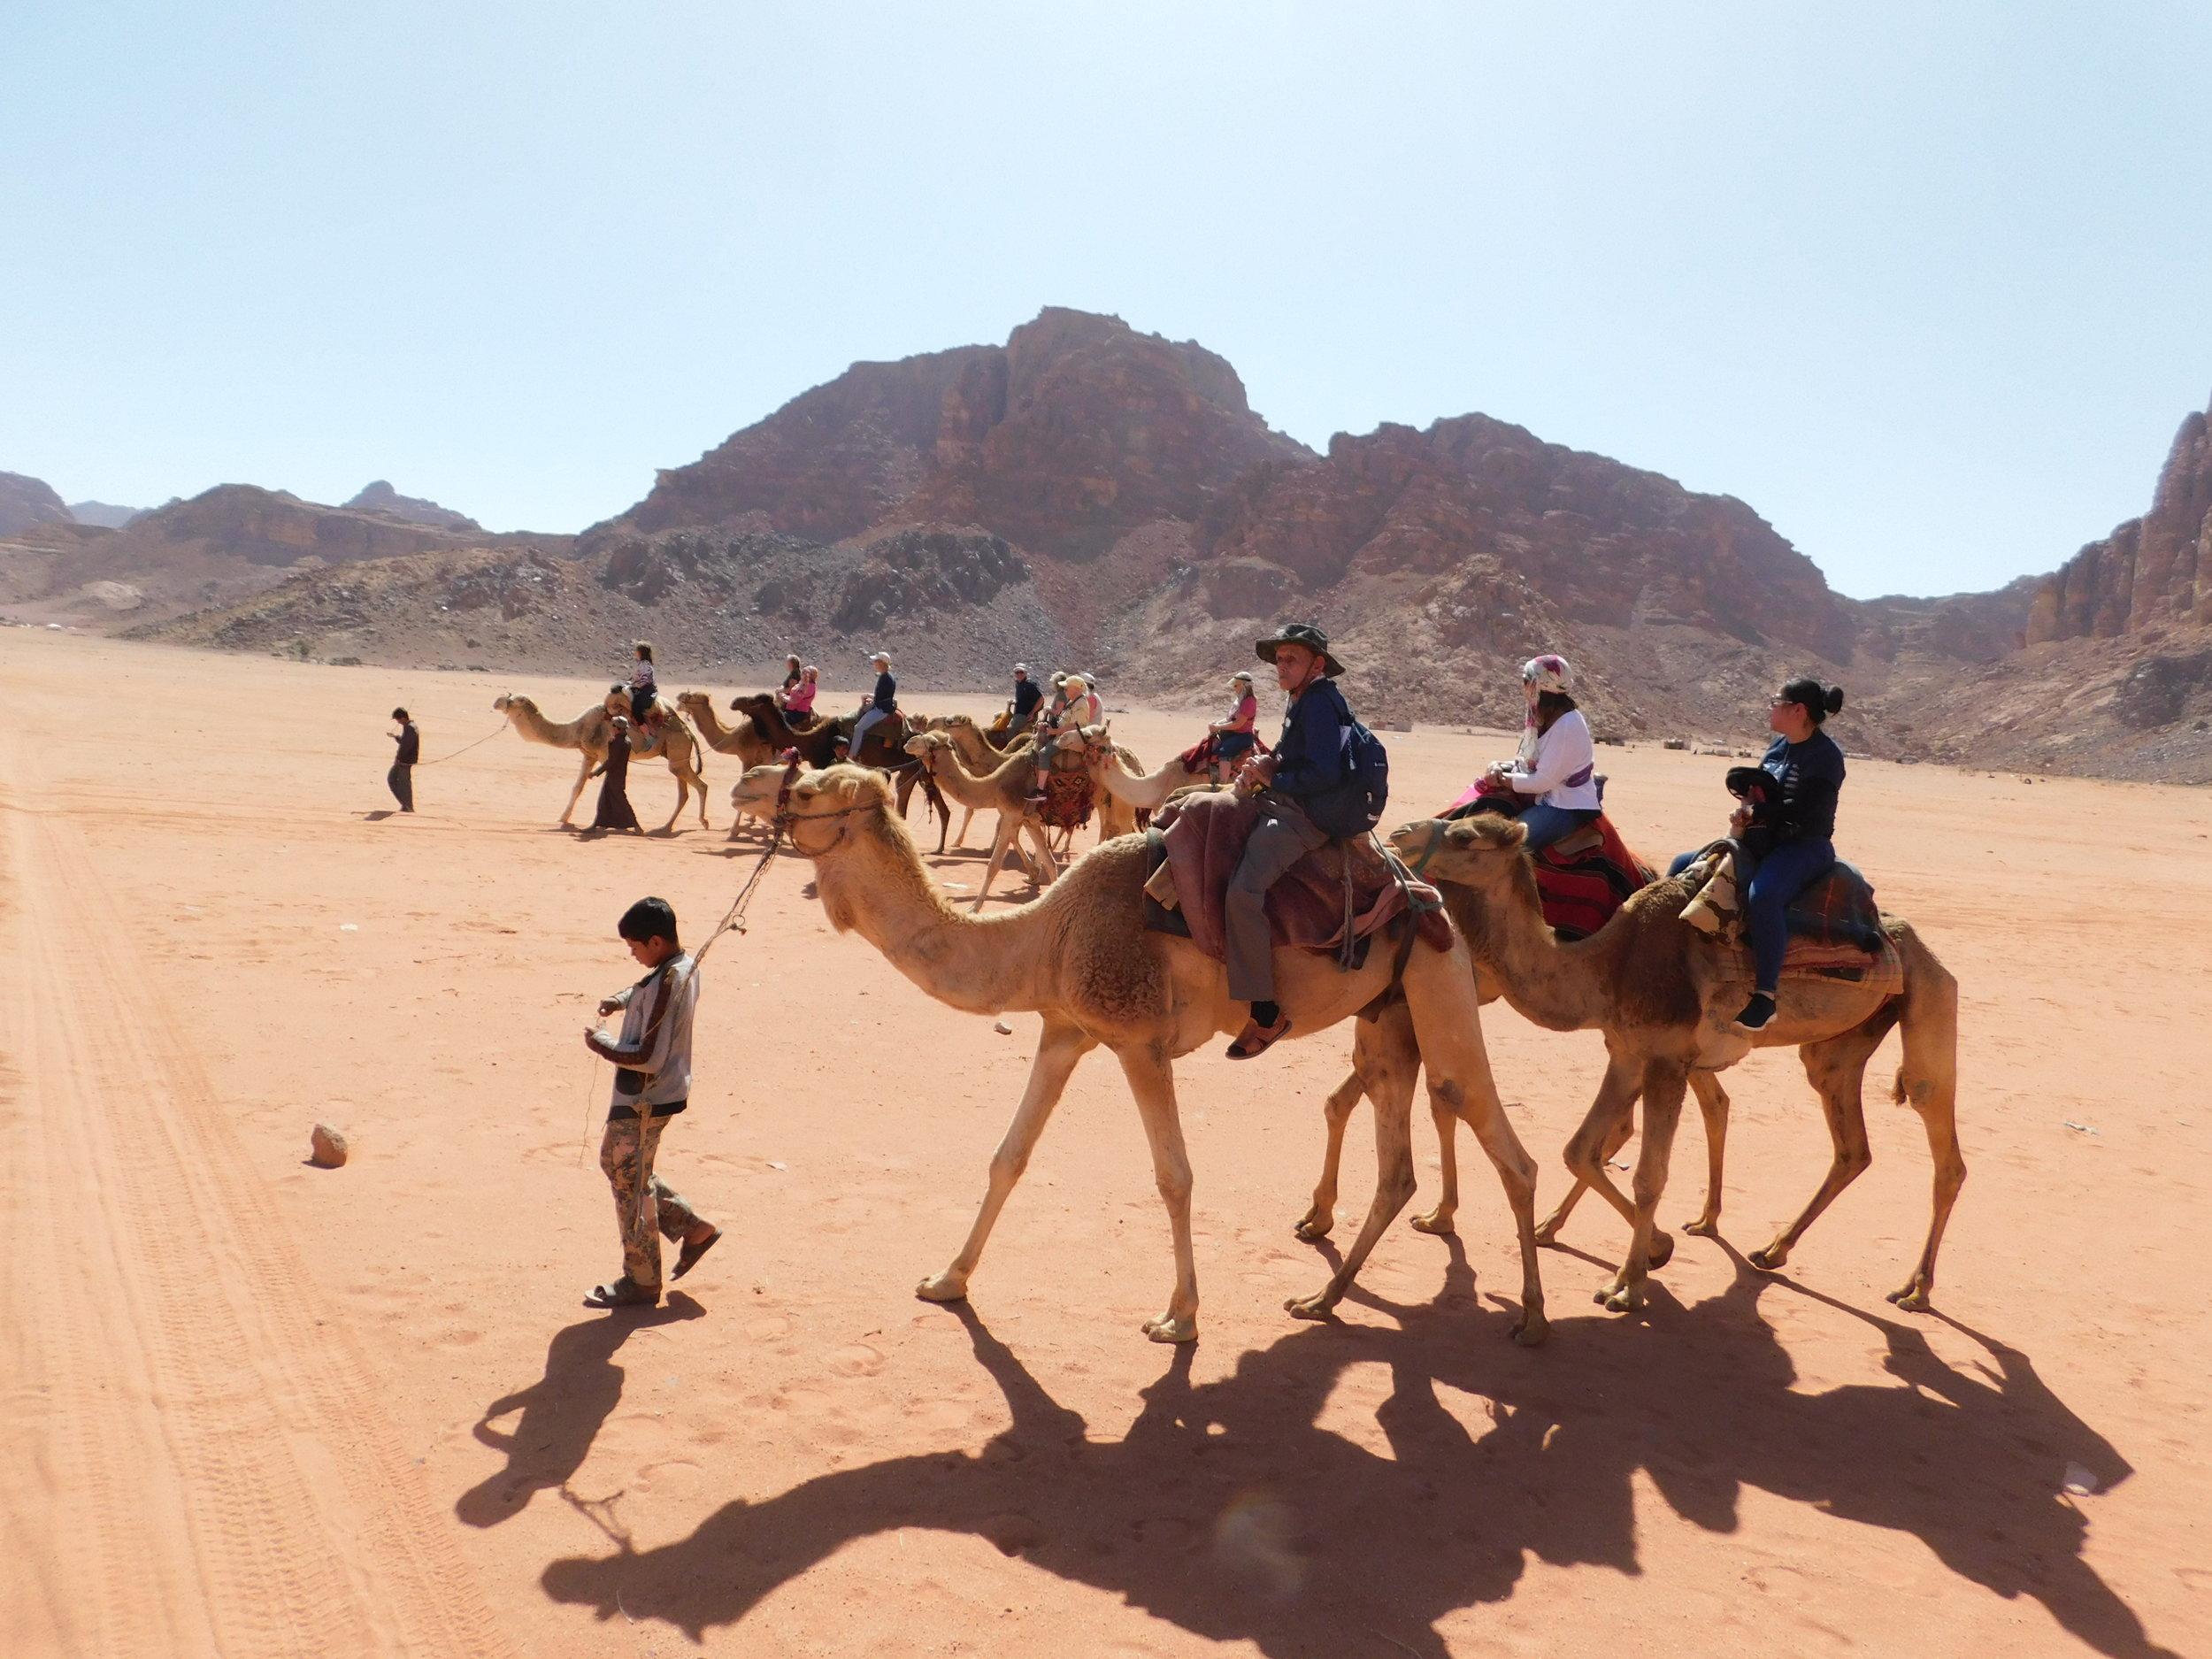 Camel Rides in Wadi Rum, Jordan